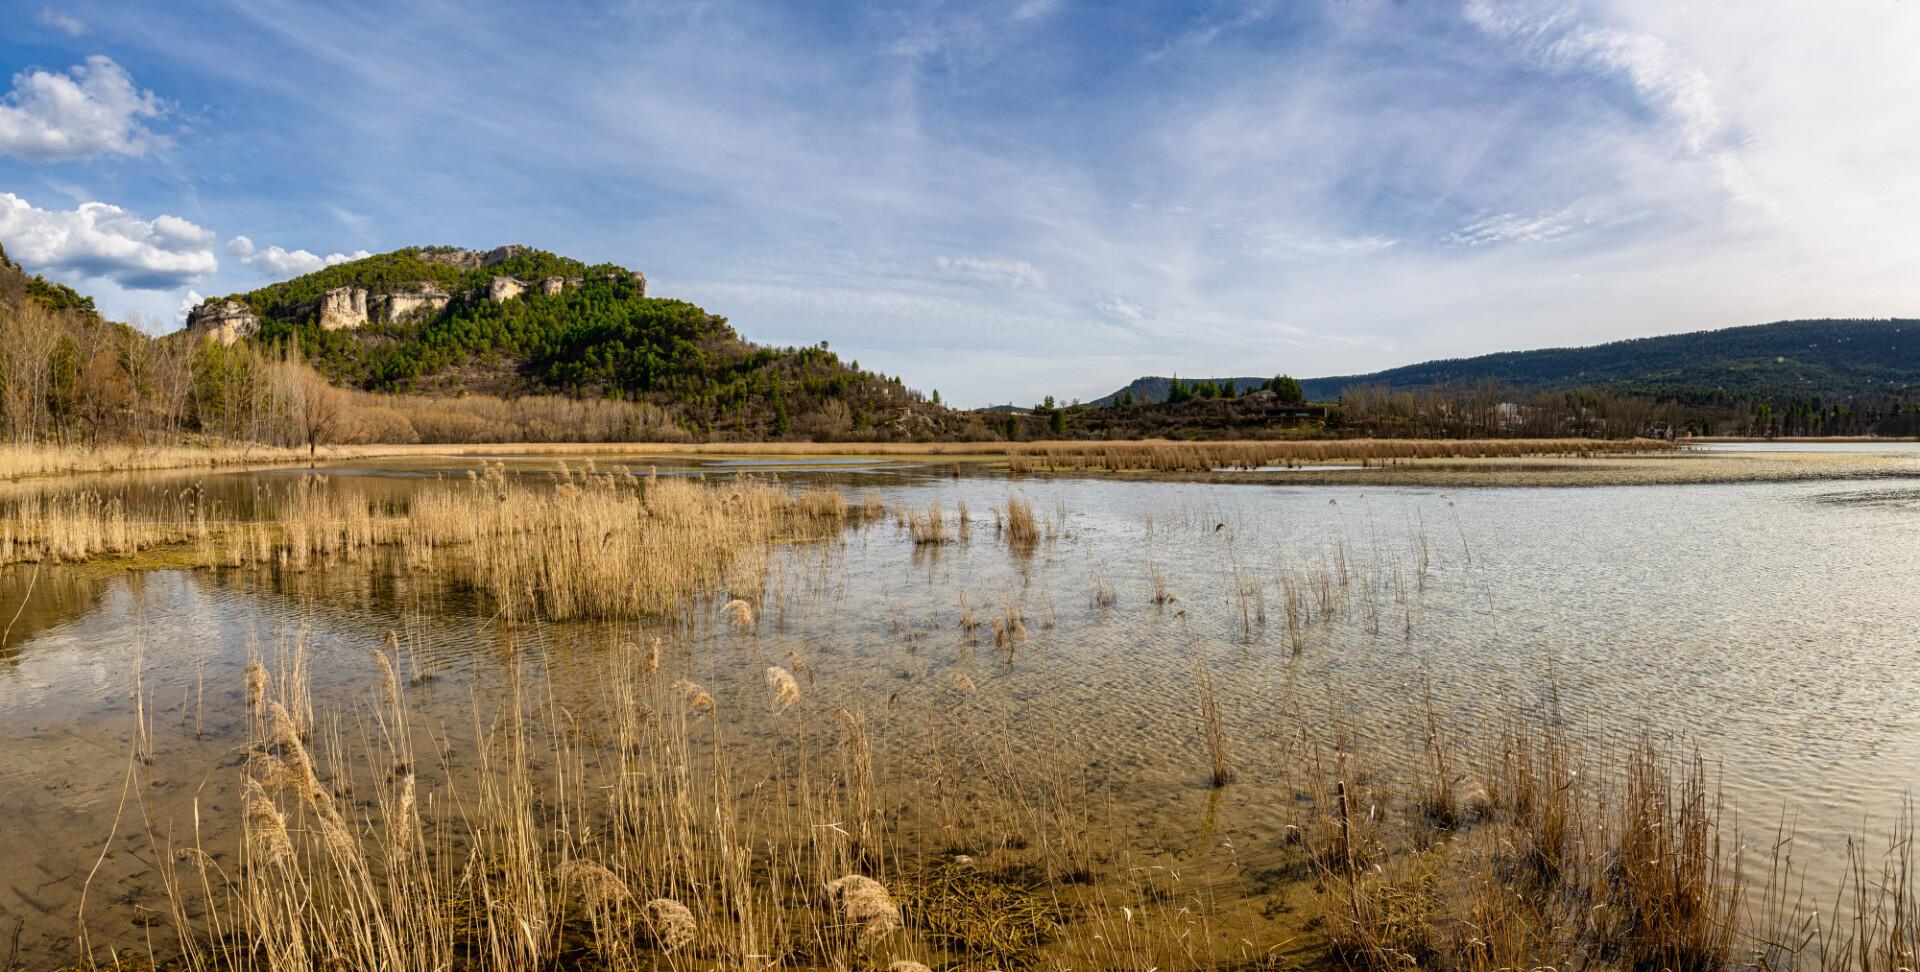 Laguna de Una a lake in spain